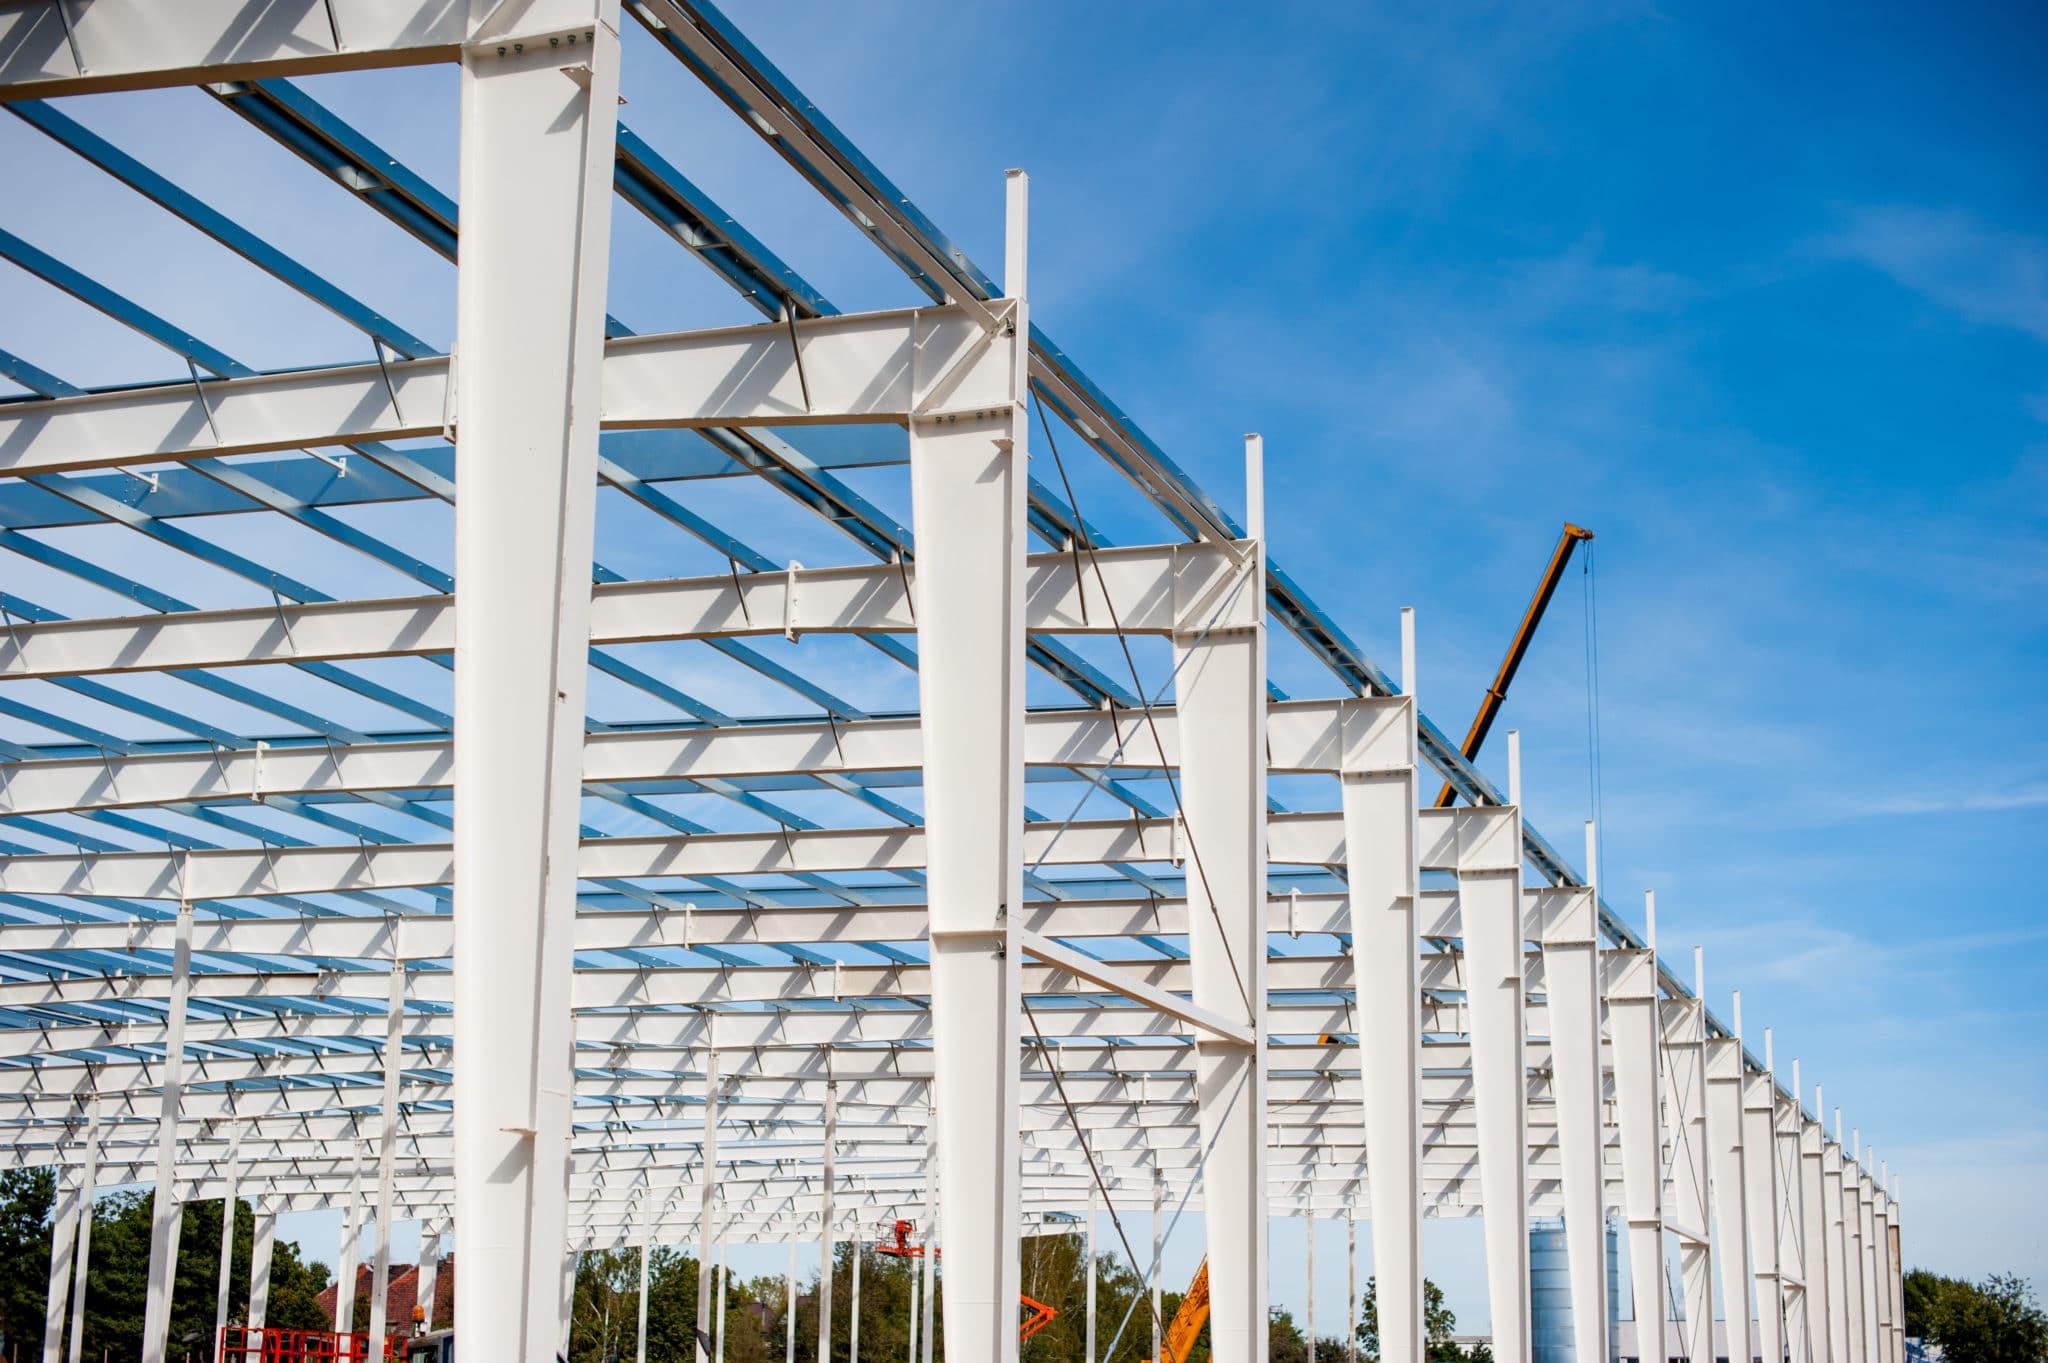 Stahlbau Hallenbau